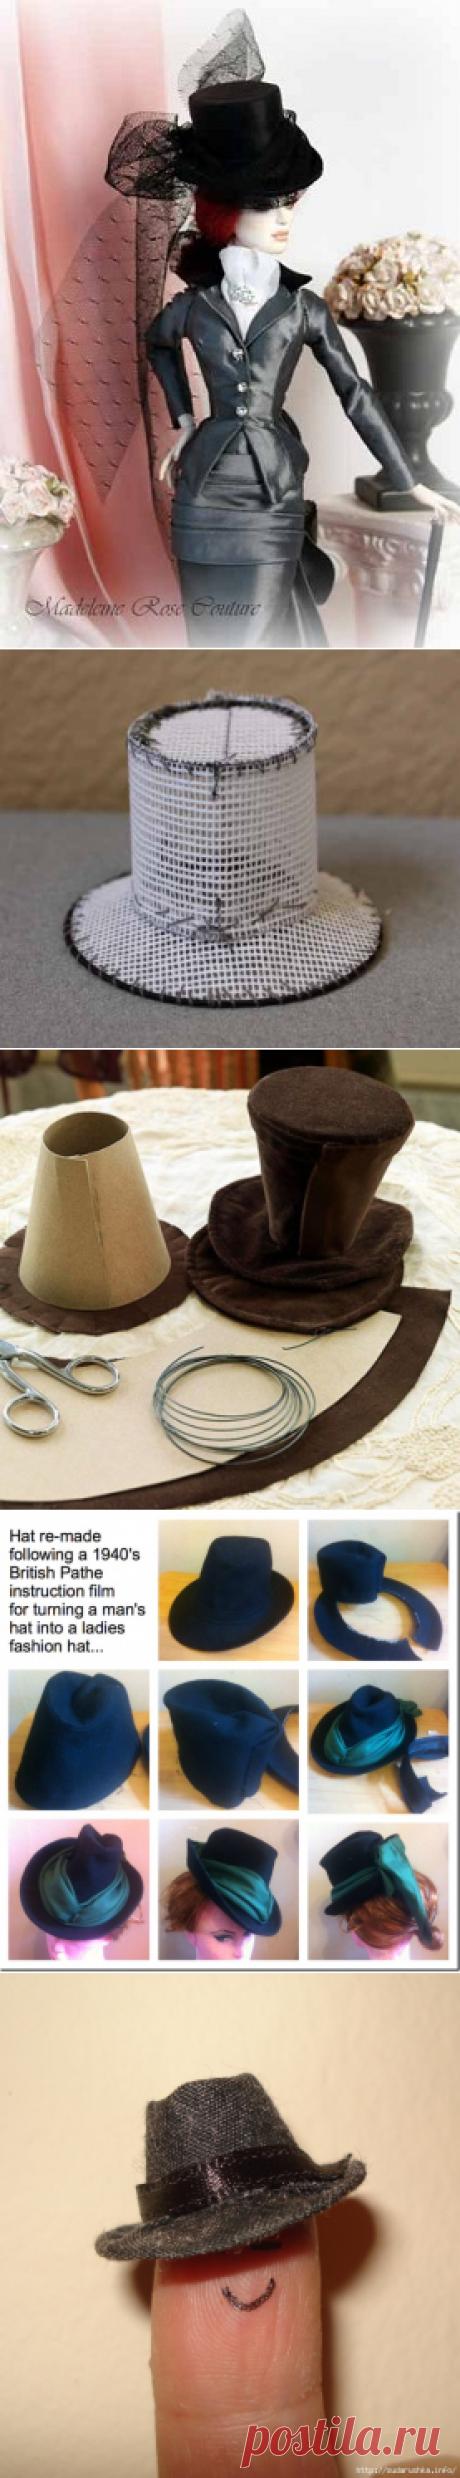 Головные уборы для кукол. Цилиндр, шляпа, кепка.